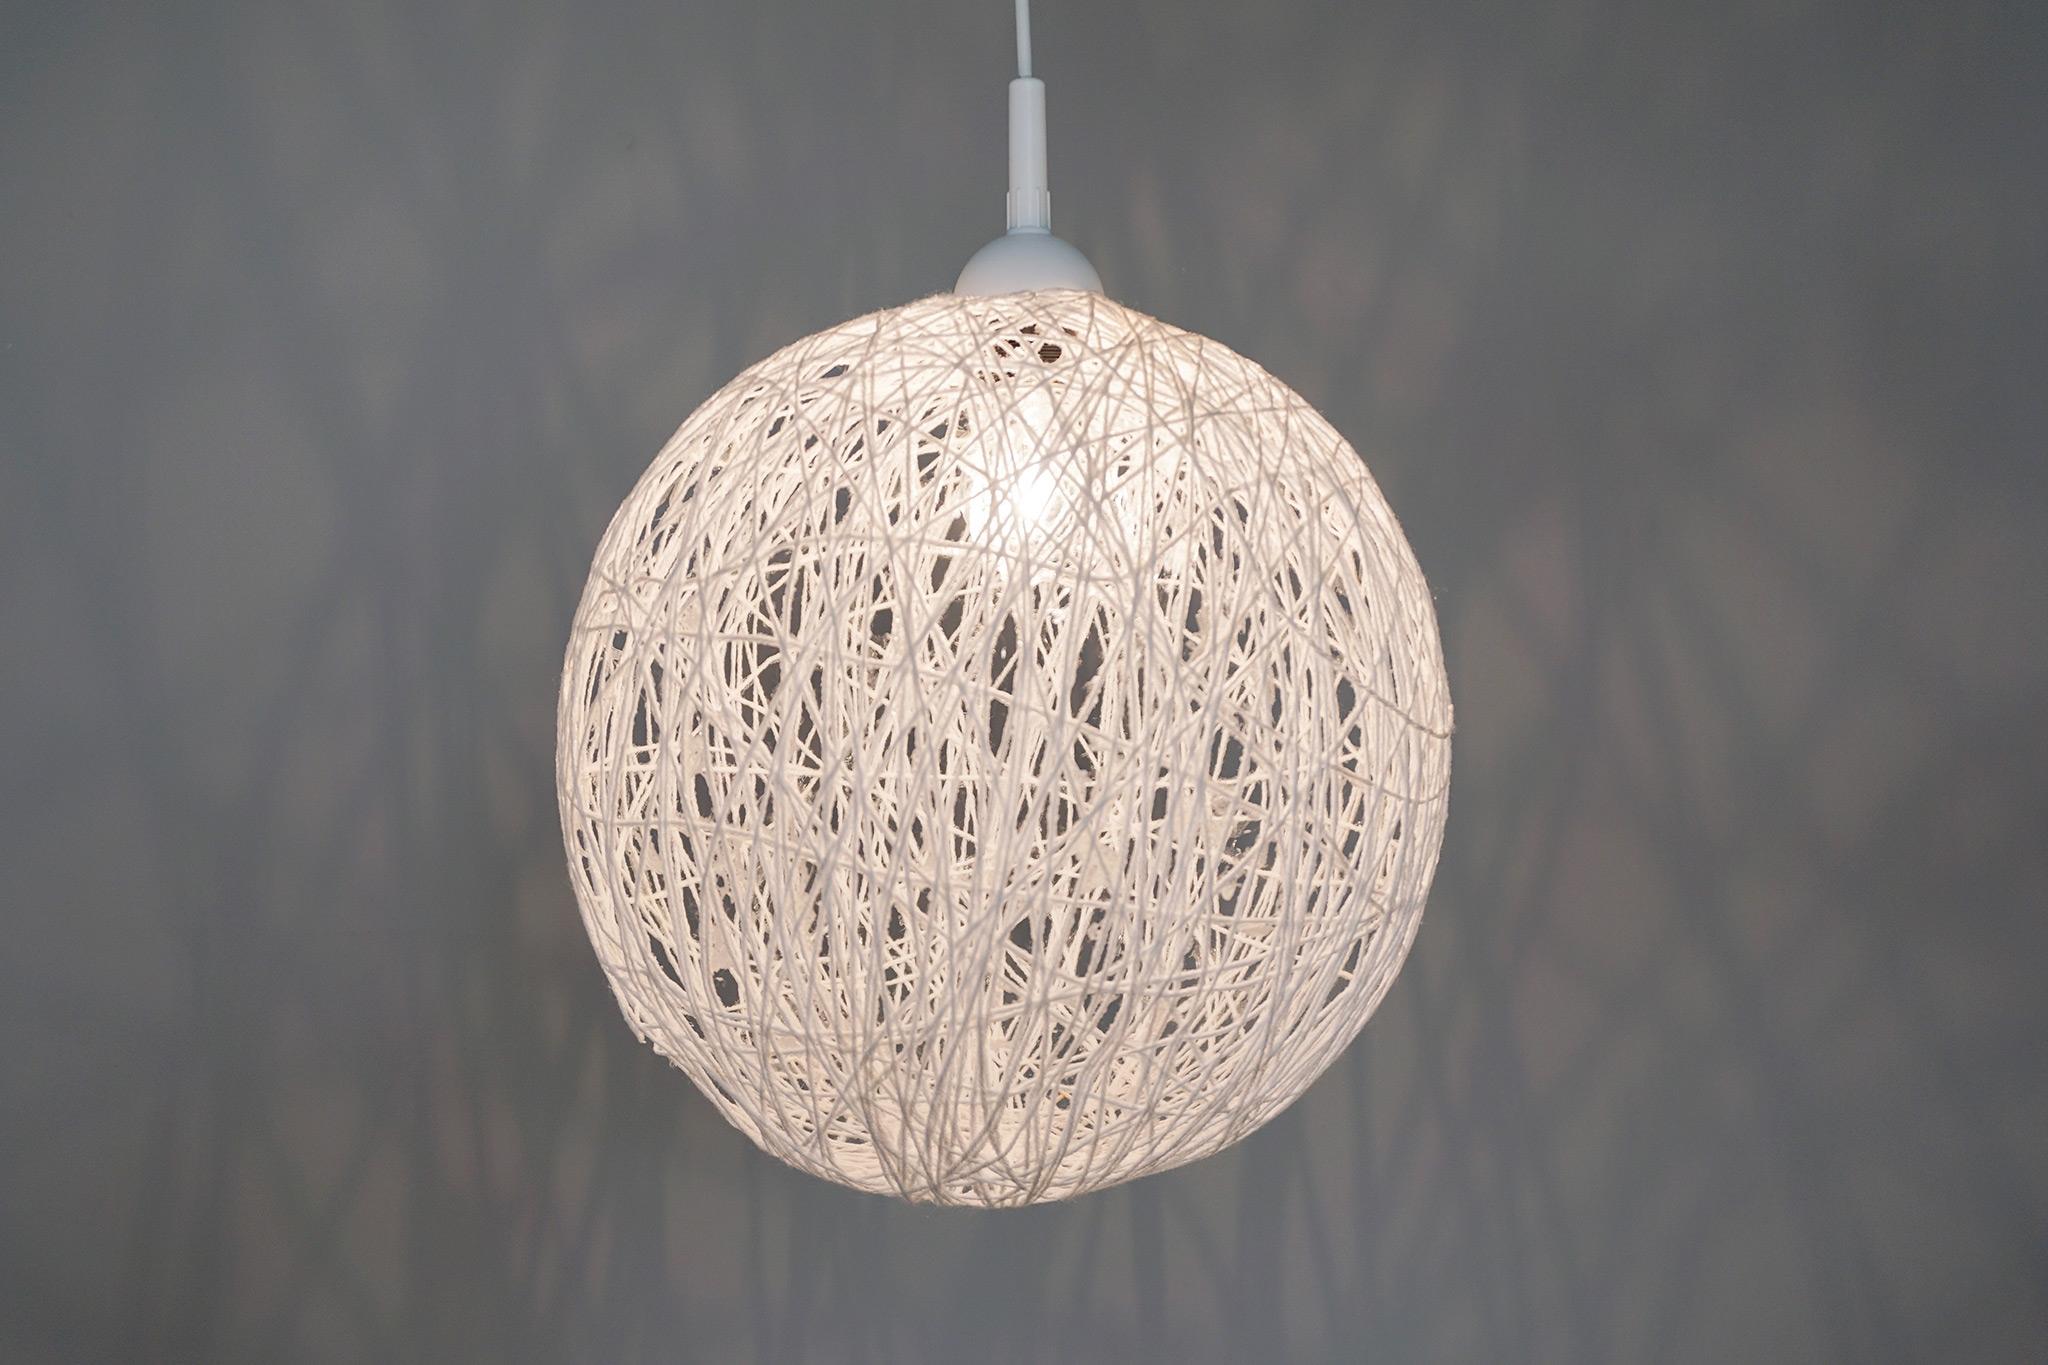 Draadlamp DIY zelf maken